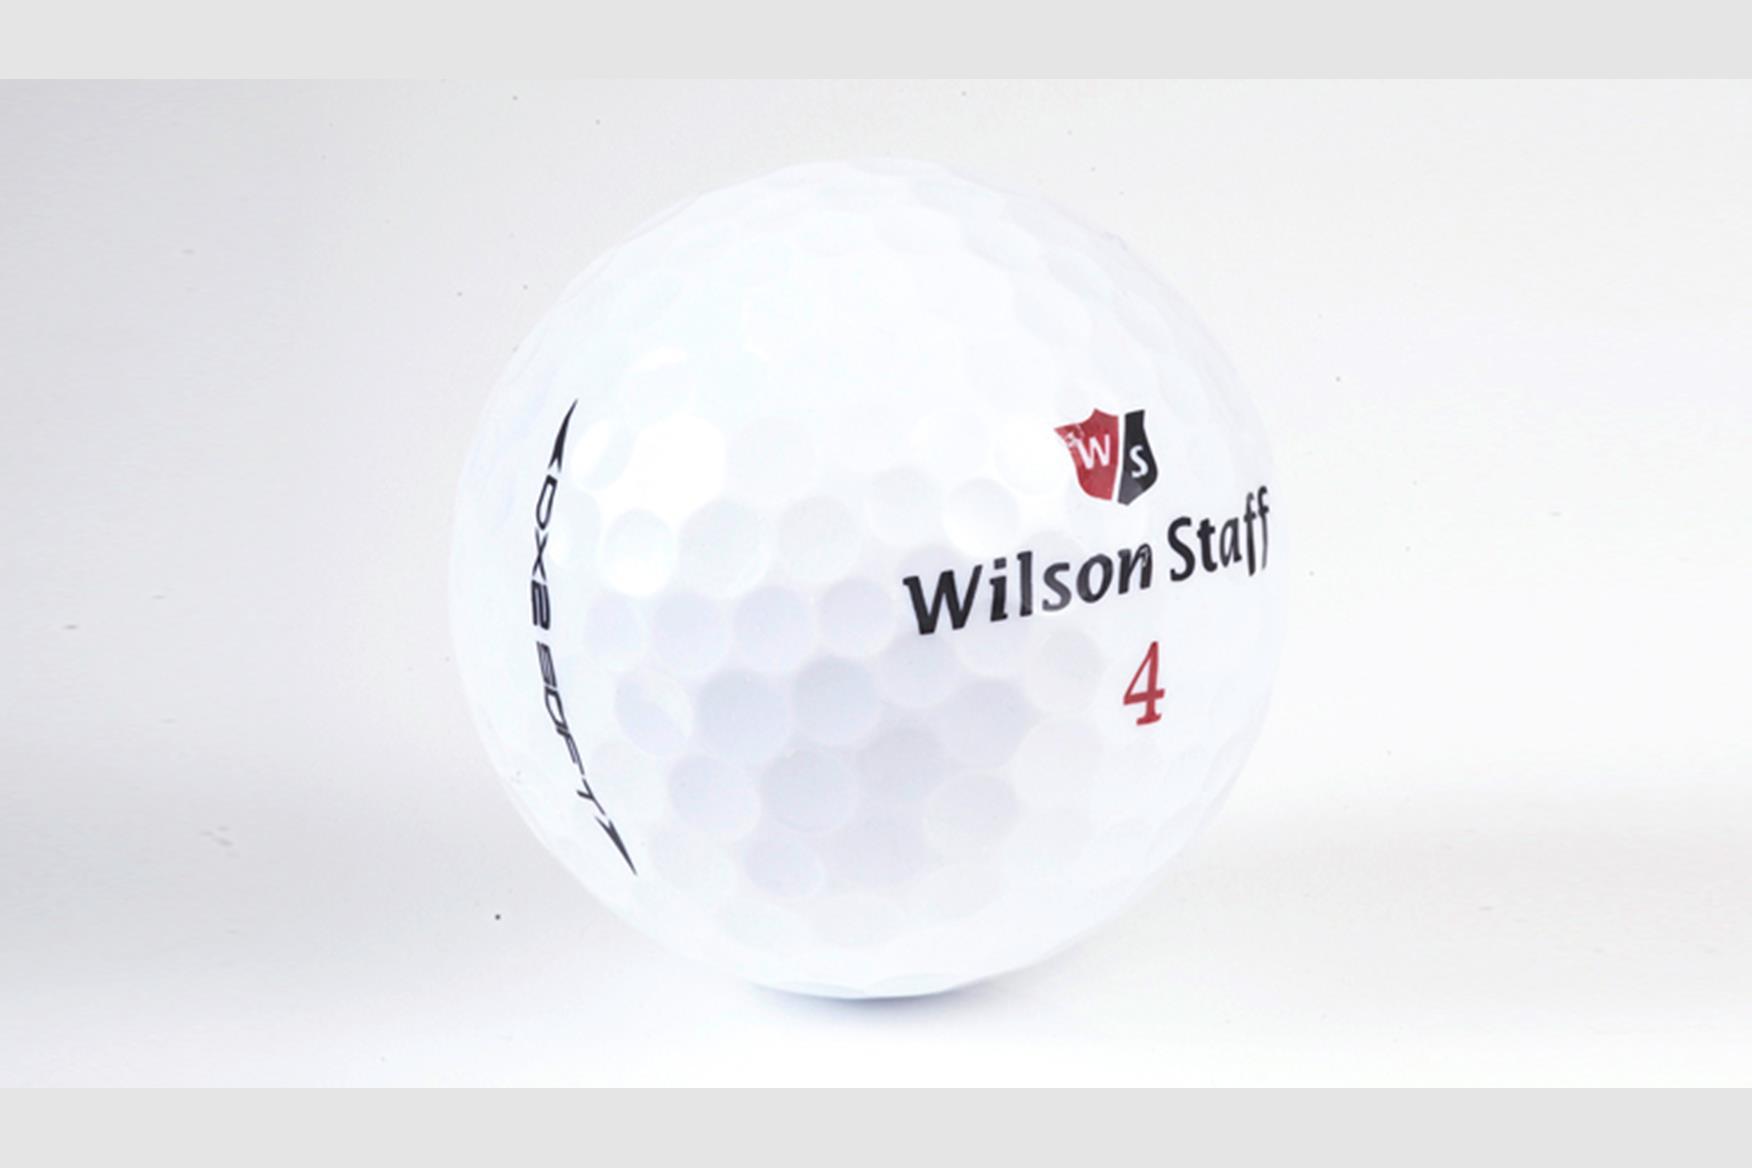 wilson staff dx2 soft golf balls review equipment reviews